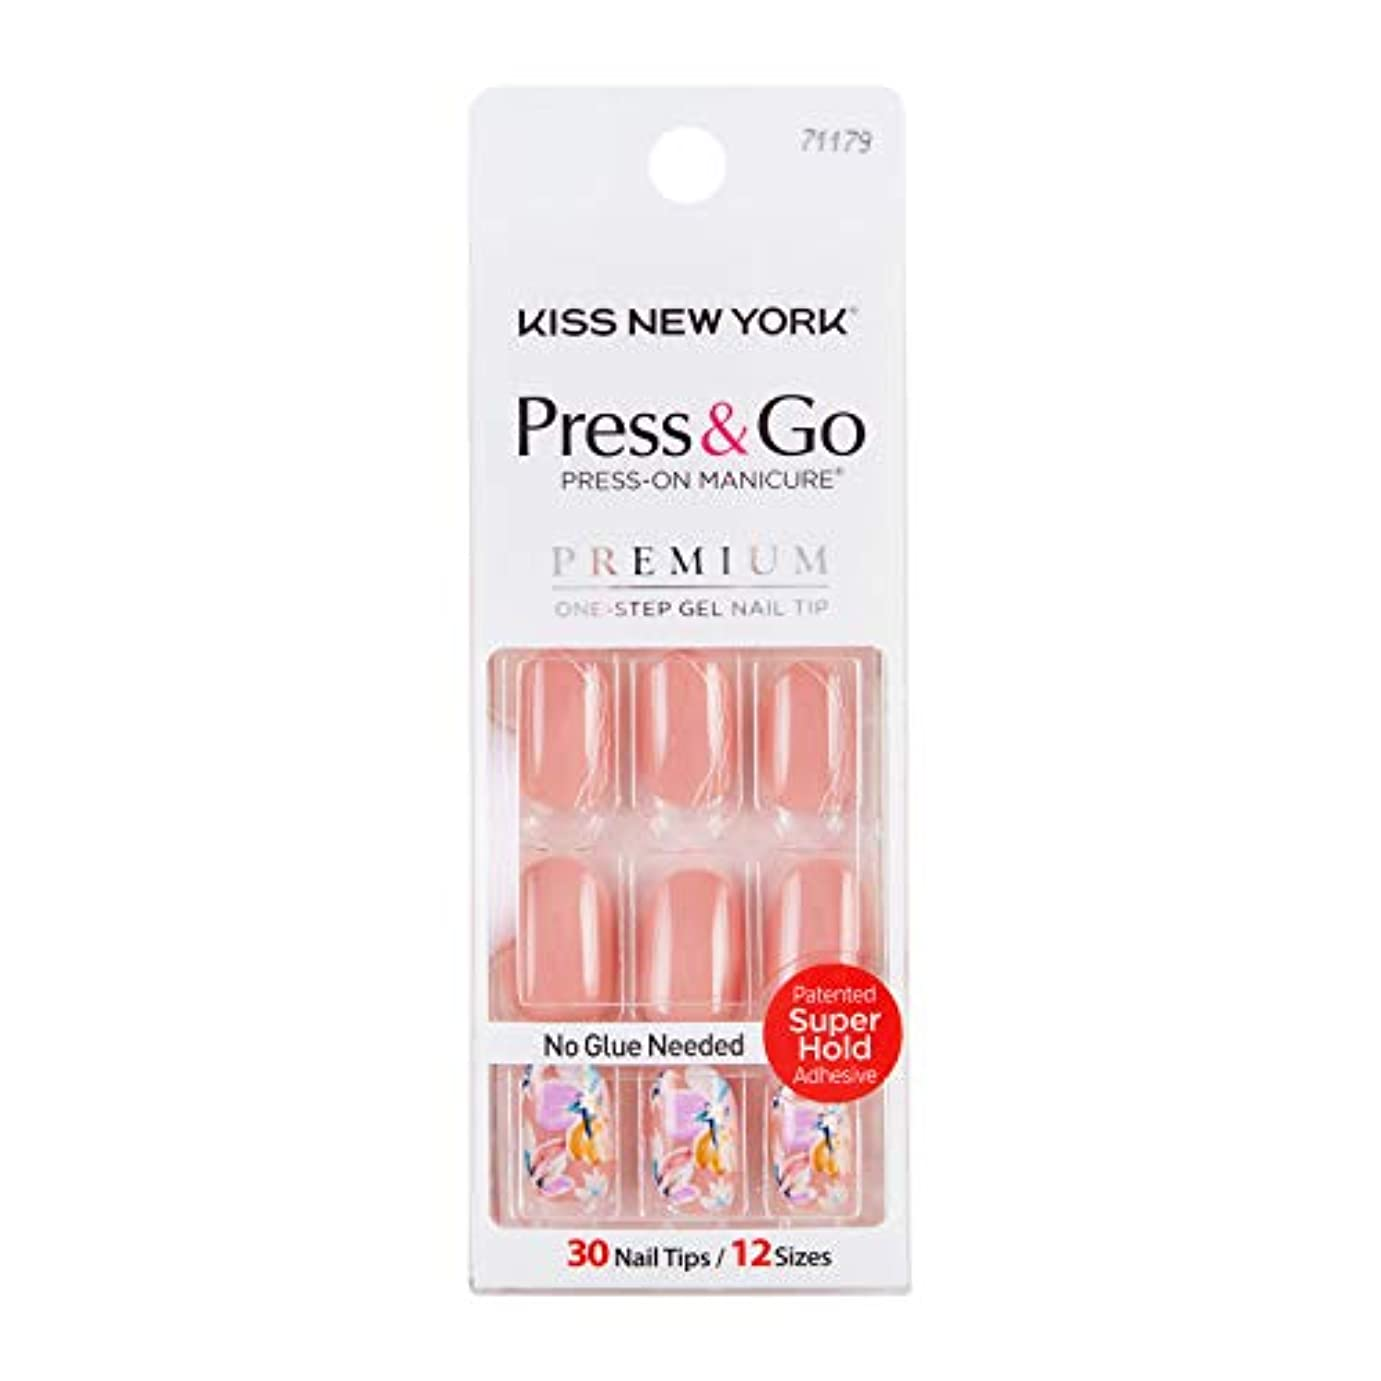 インチ眠る正規化キスニューヨーク (KISS NEW YORK) KISS NEWYORK ネイルチップPress&Go BHJ27J 19g